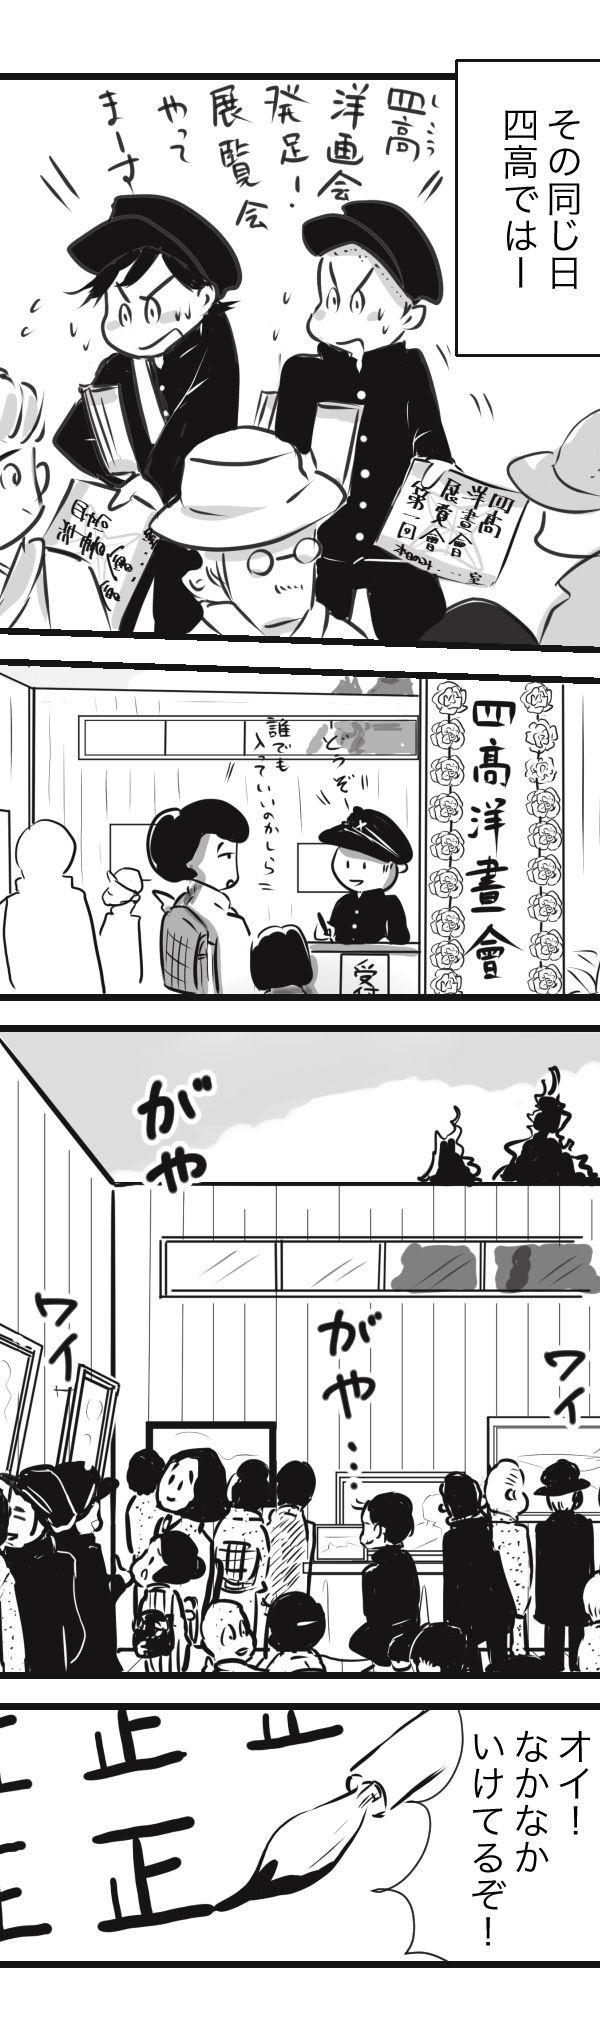 山田 金沢10−1−4